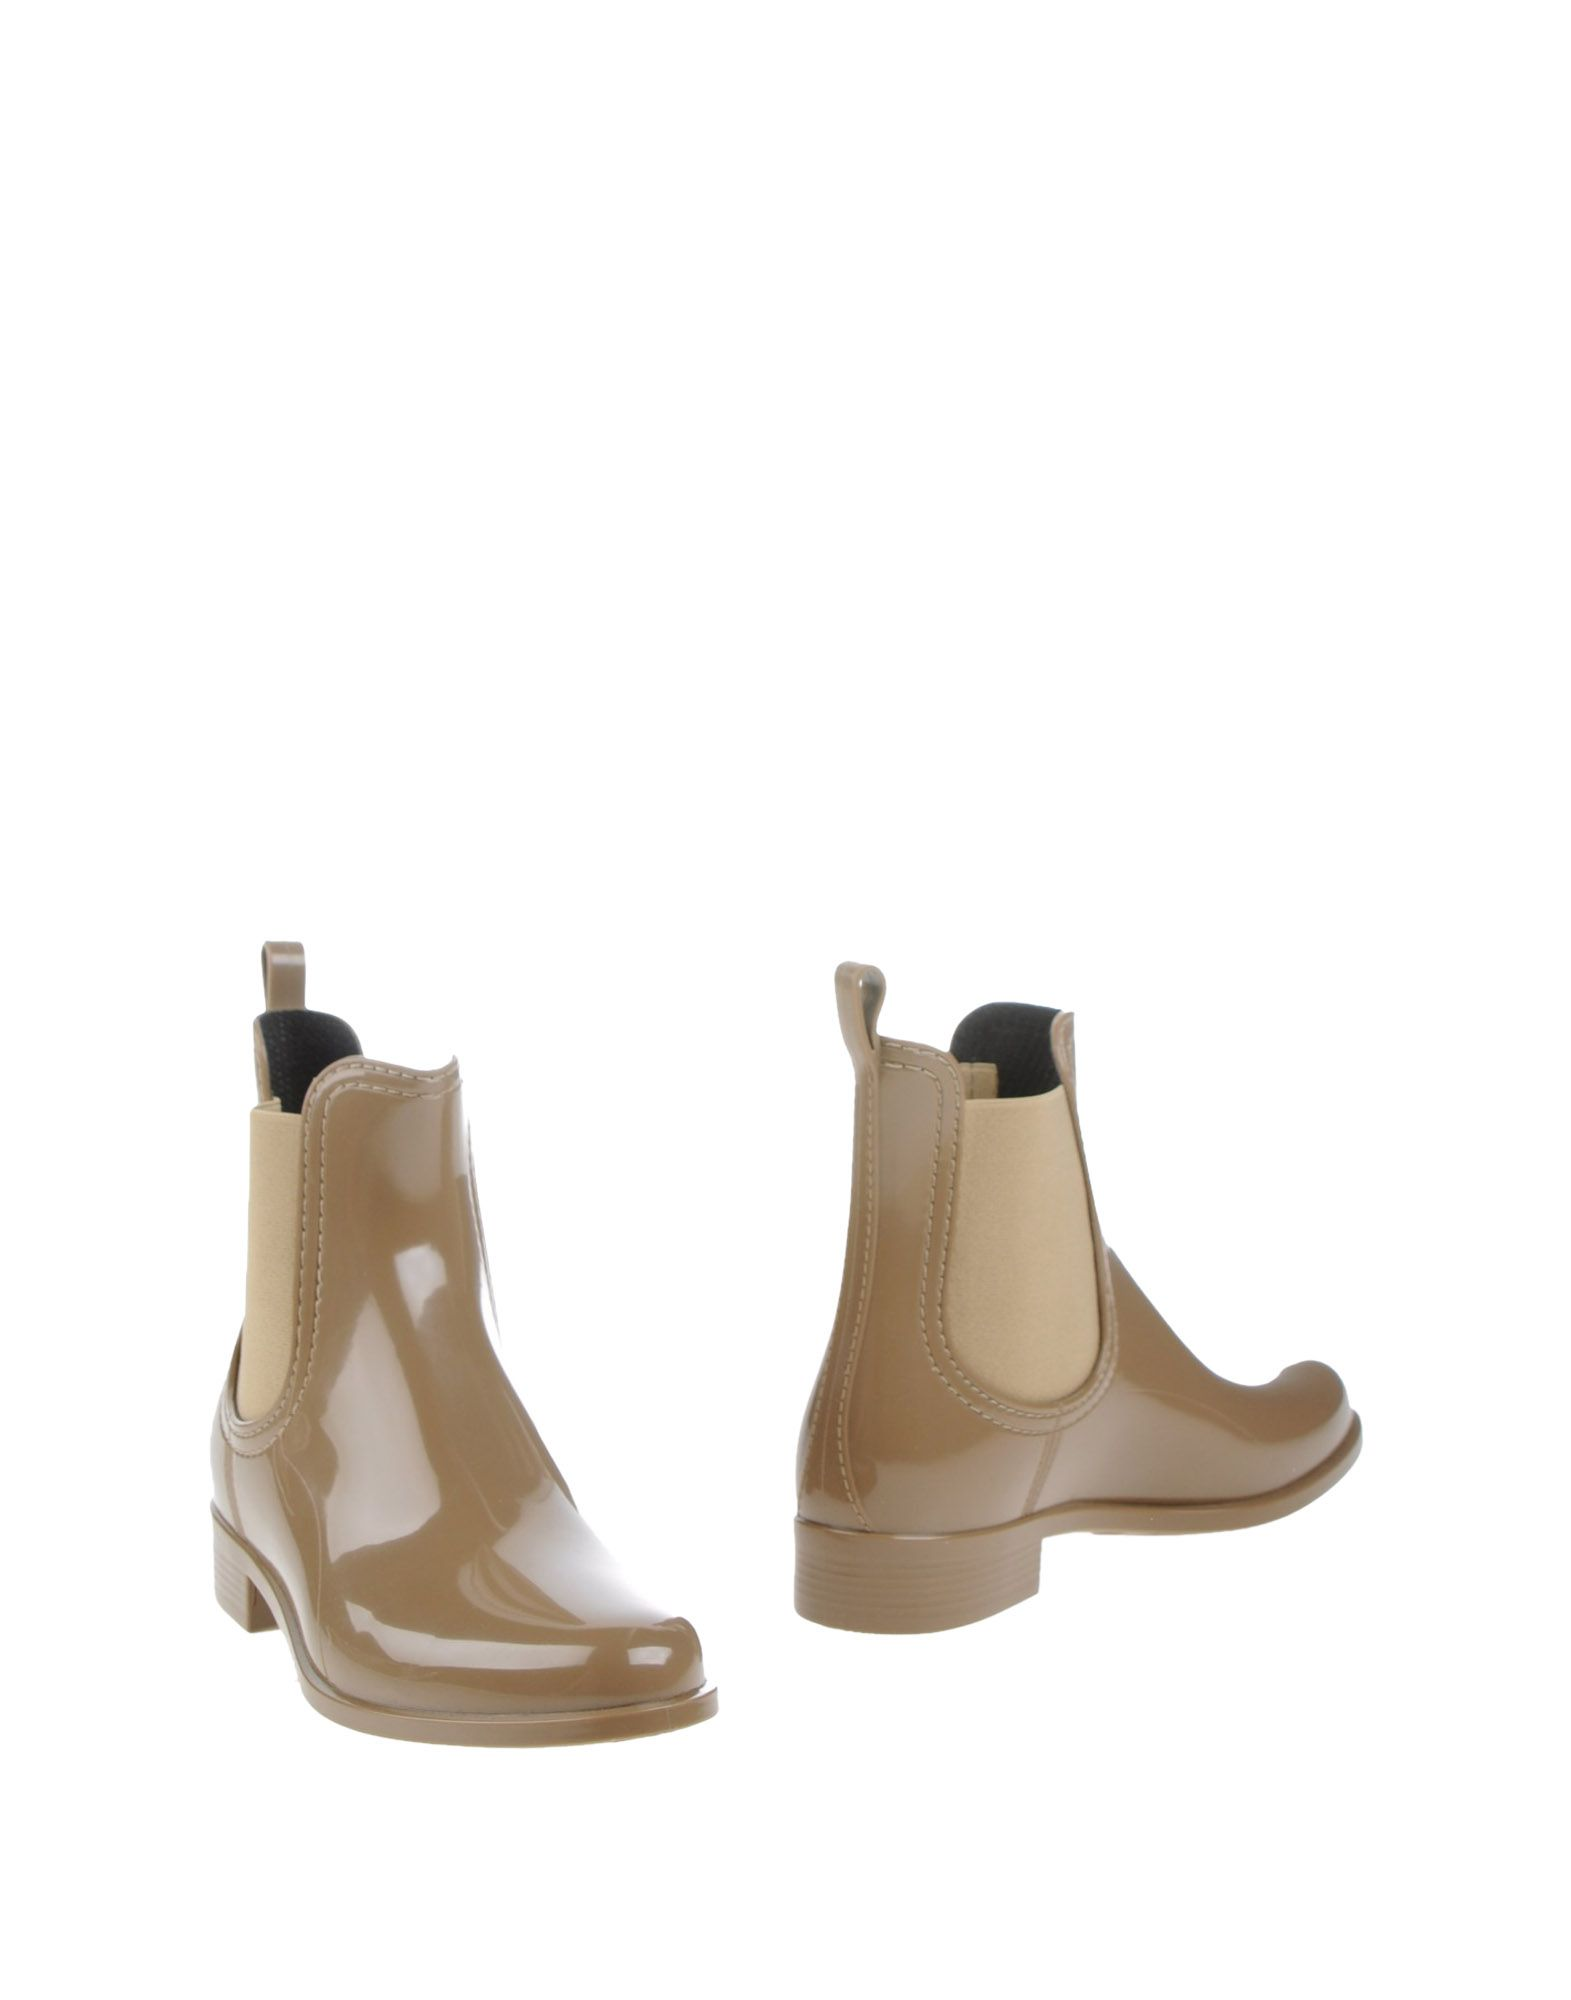 LIVIANA CONTI Полусапоги и высокие ботинки купить футбольную форму челси торрес